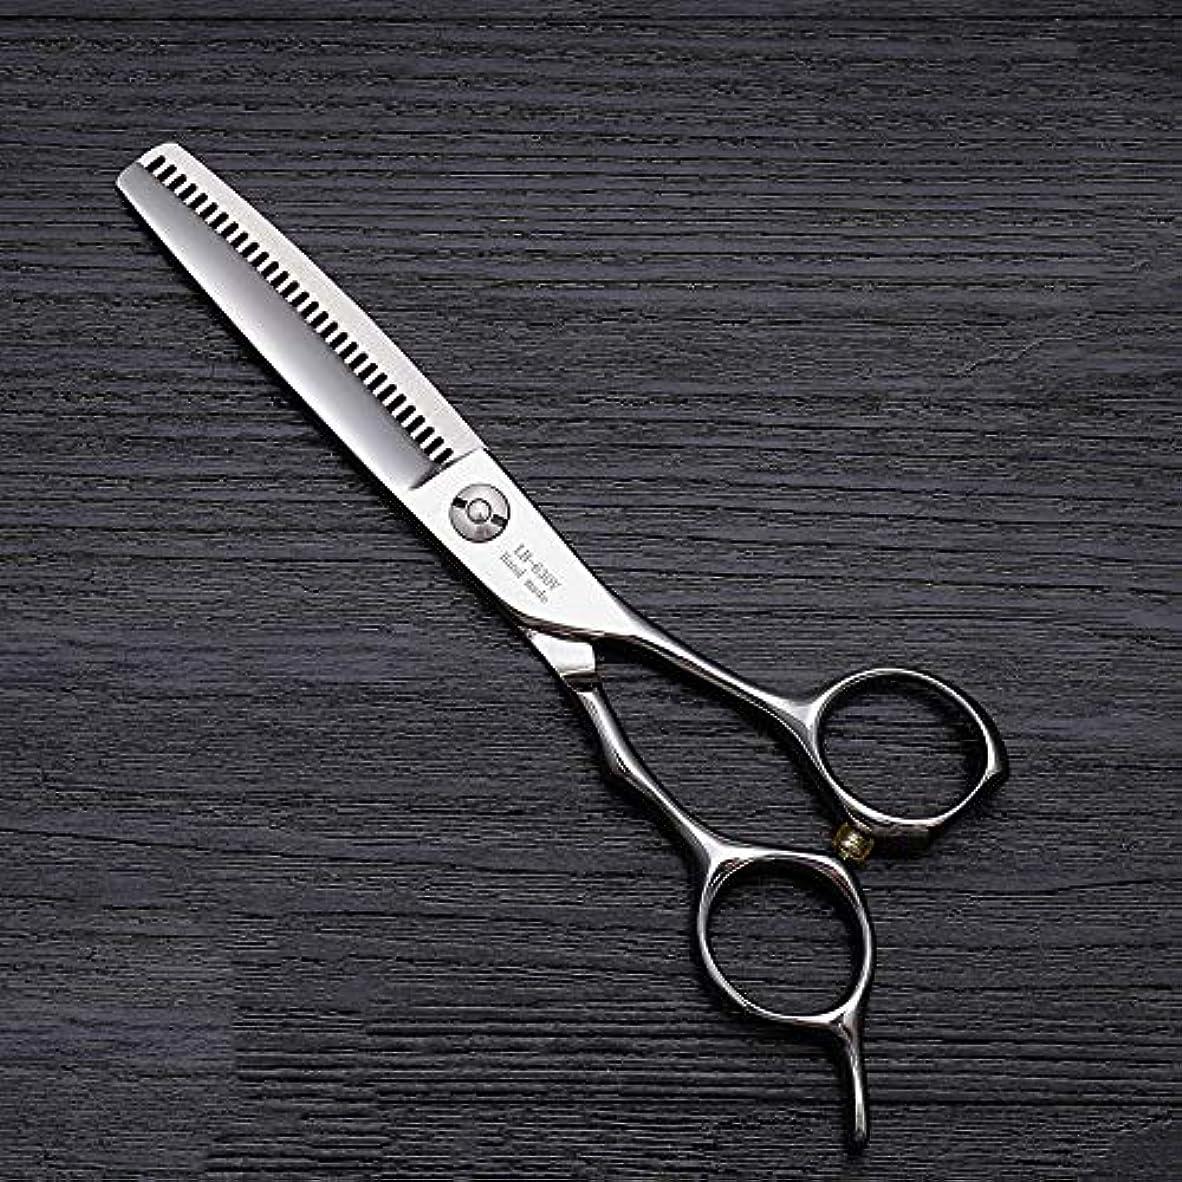 顔料マッシュ望み理髪用はさみ 6インチのヘアカットはさみ、ハイエンドの美容院の特別な髪のはさみの毛の切断はさみのステンレス製の理髪師のはさみ (色 : Silver)